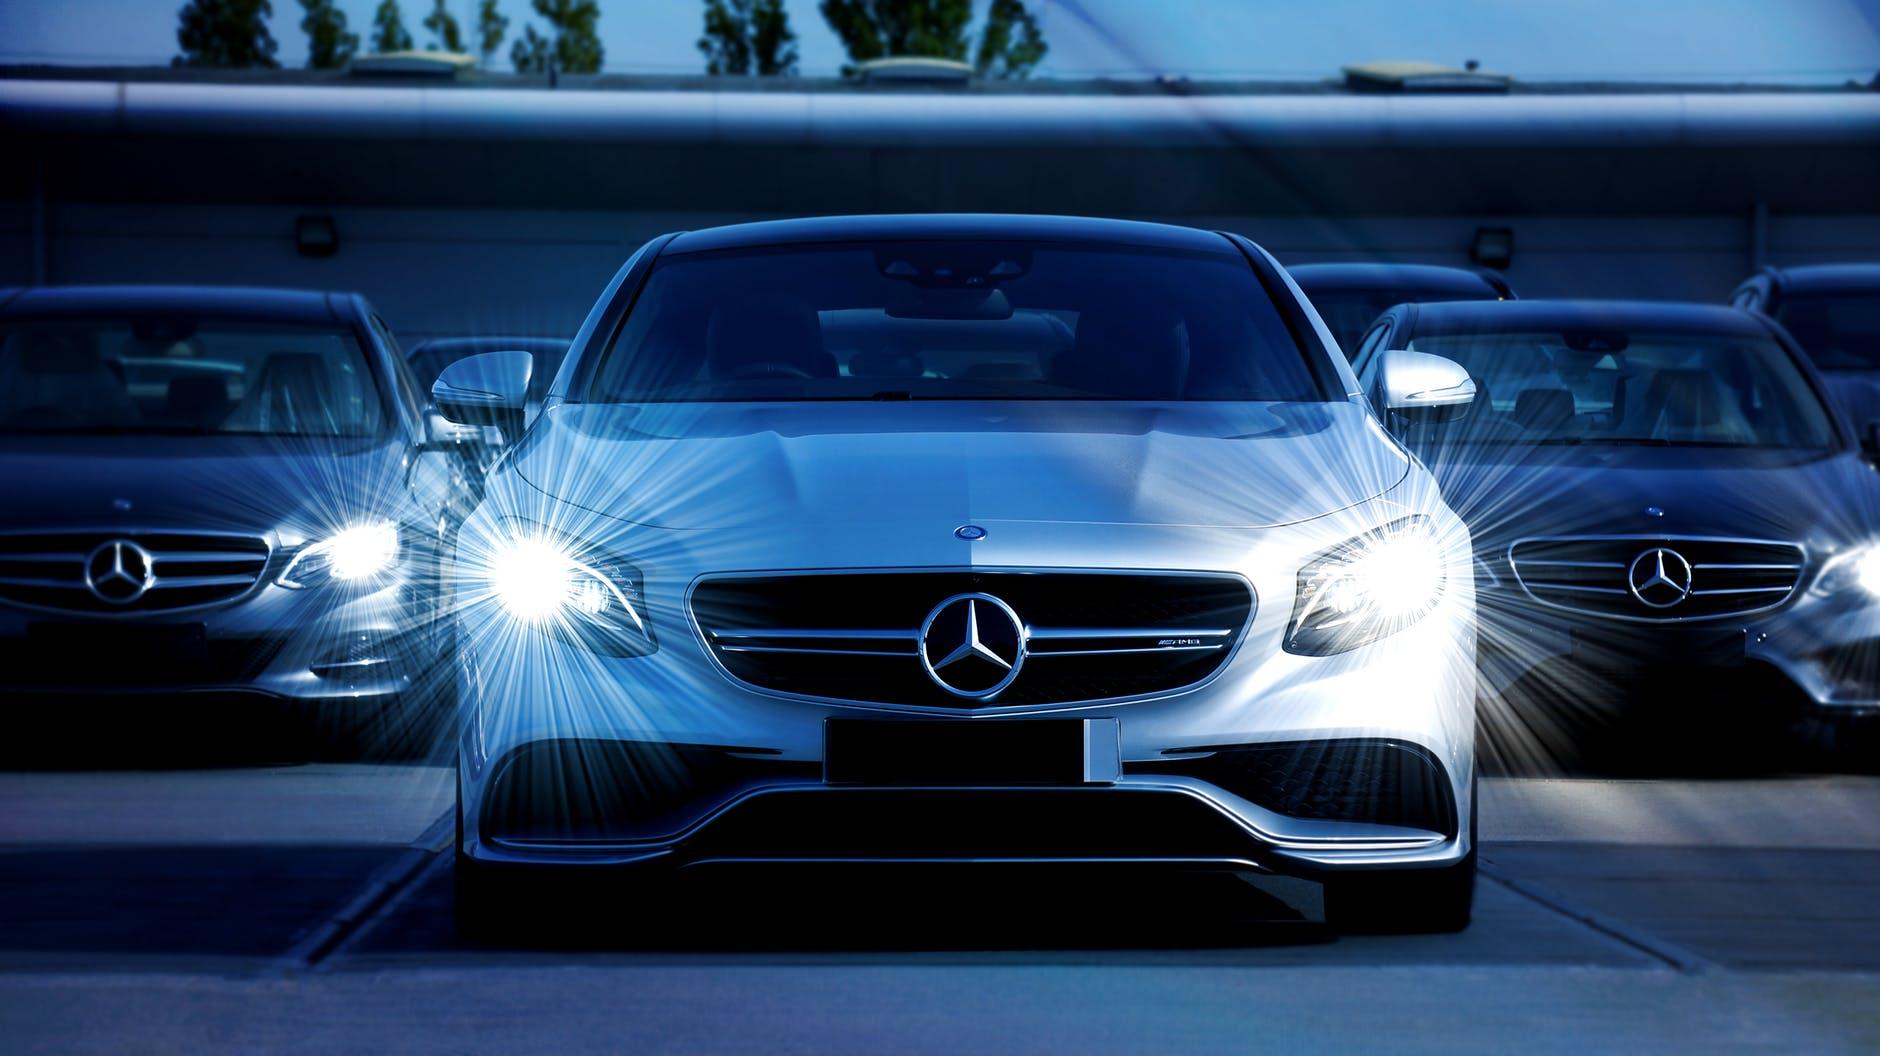 Cómo identificar las refacciones falsas de un auto antes de comprarlas